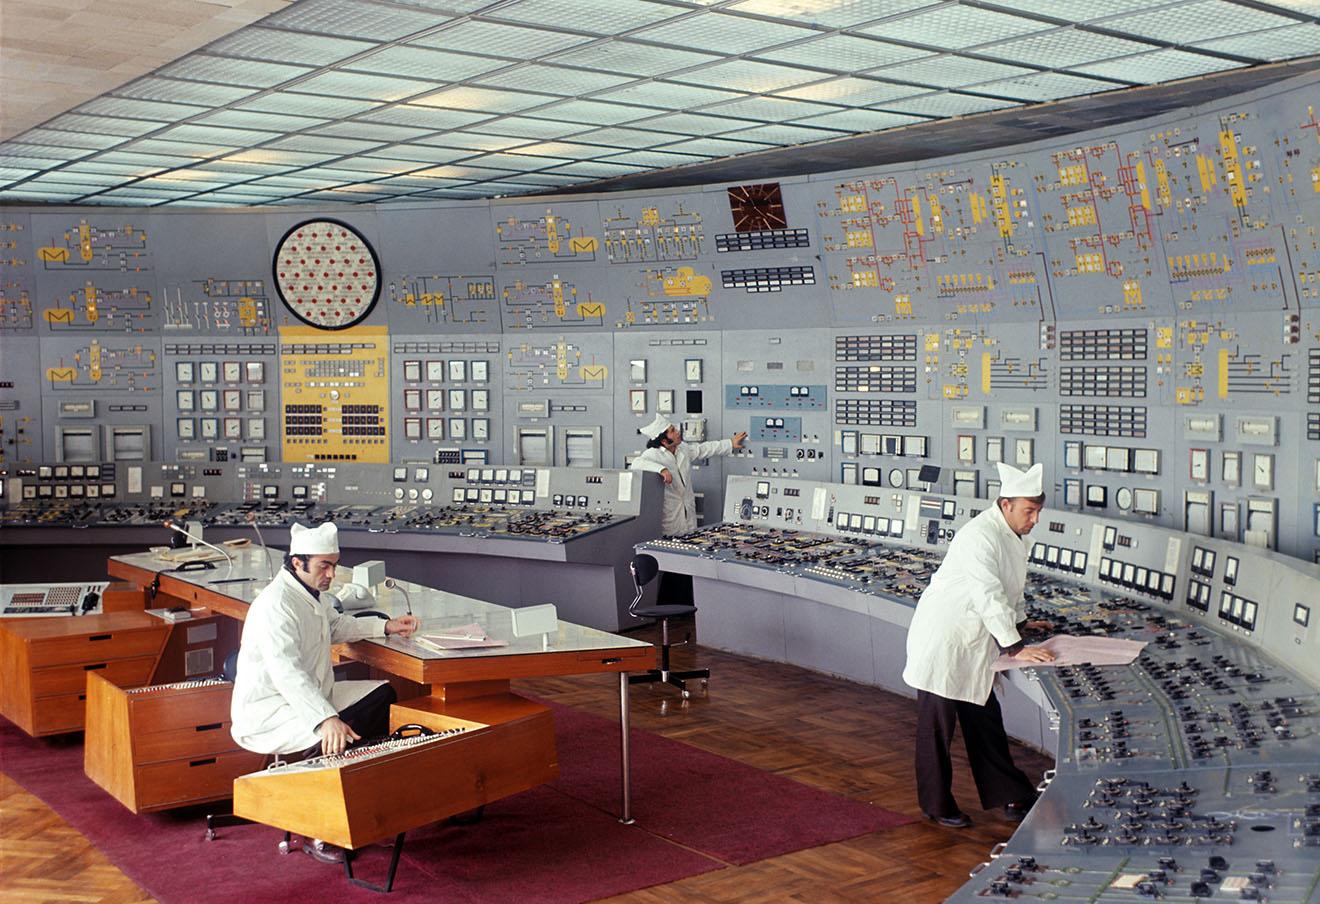 Кому в СССР жилось хорошо? НОСТАЛЬГИЯ,СОВЕТСКИЙ ПЕРИОД,СОВЕТСКИЙ СОЮЗ,СОВЕТСКОЕ ВРЕМЯ,СОЦИАЛИЗМ,СССР